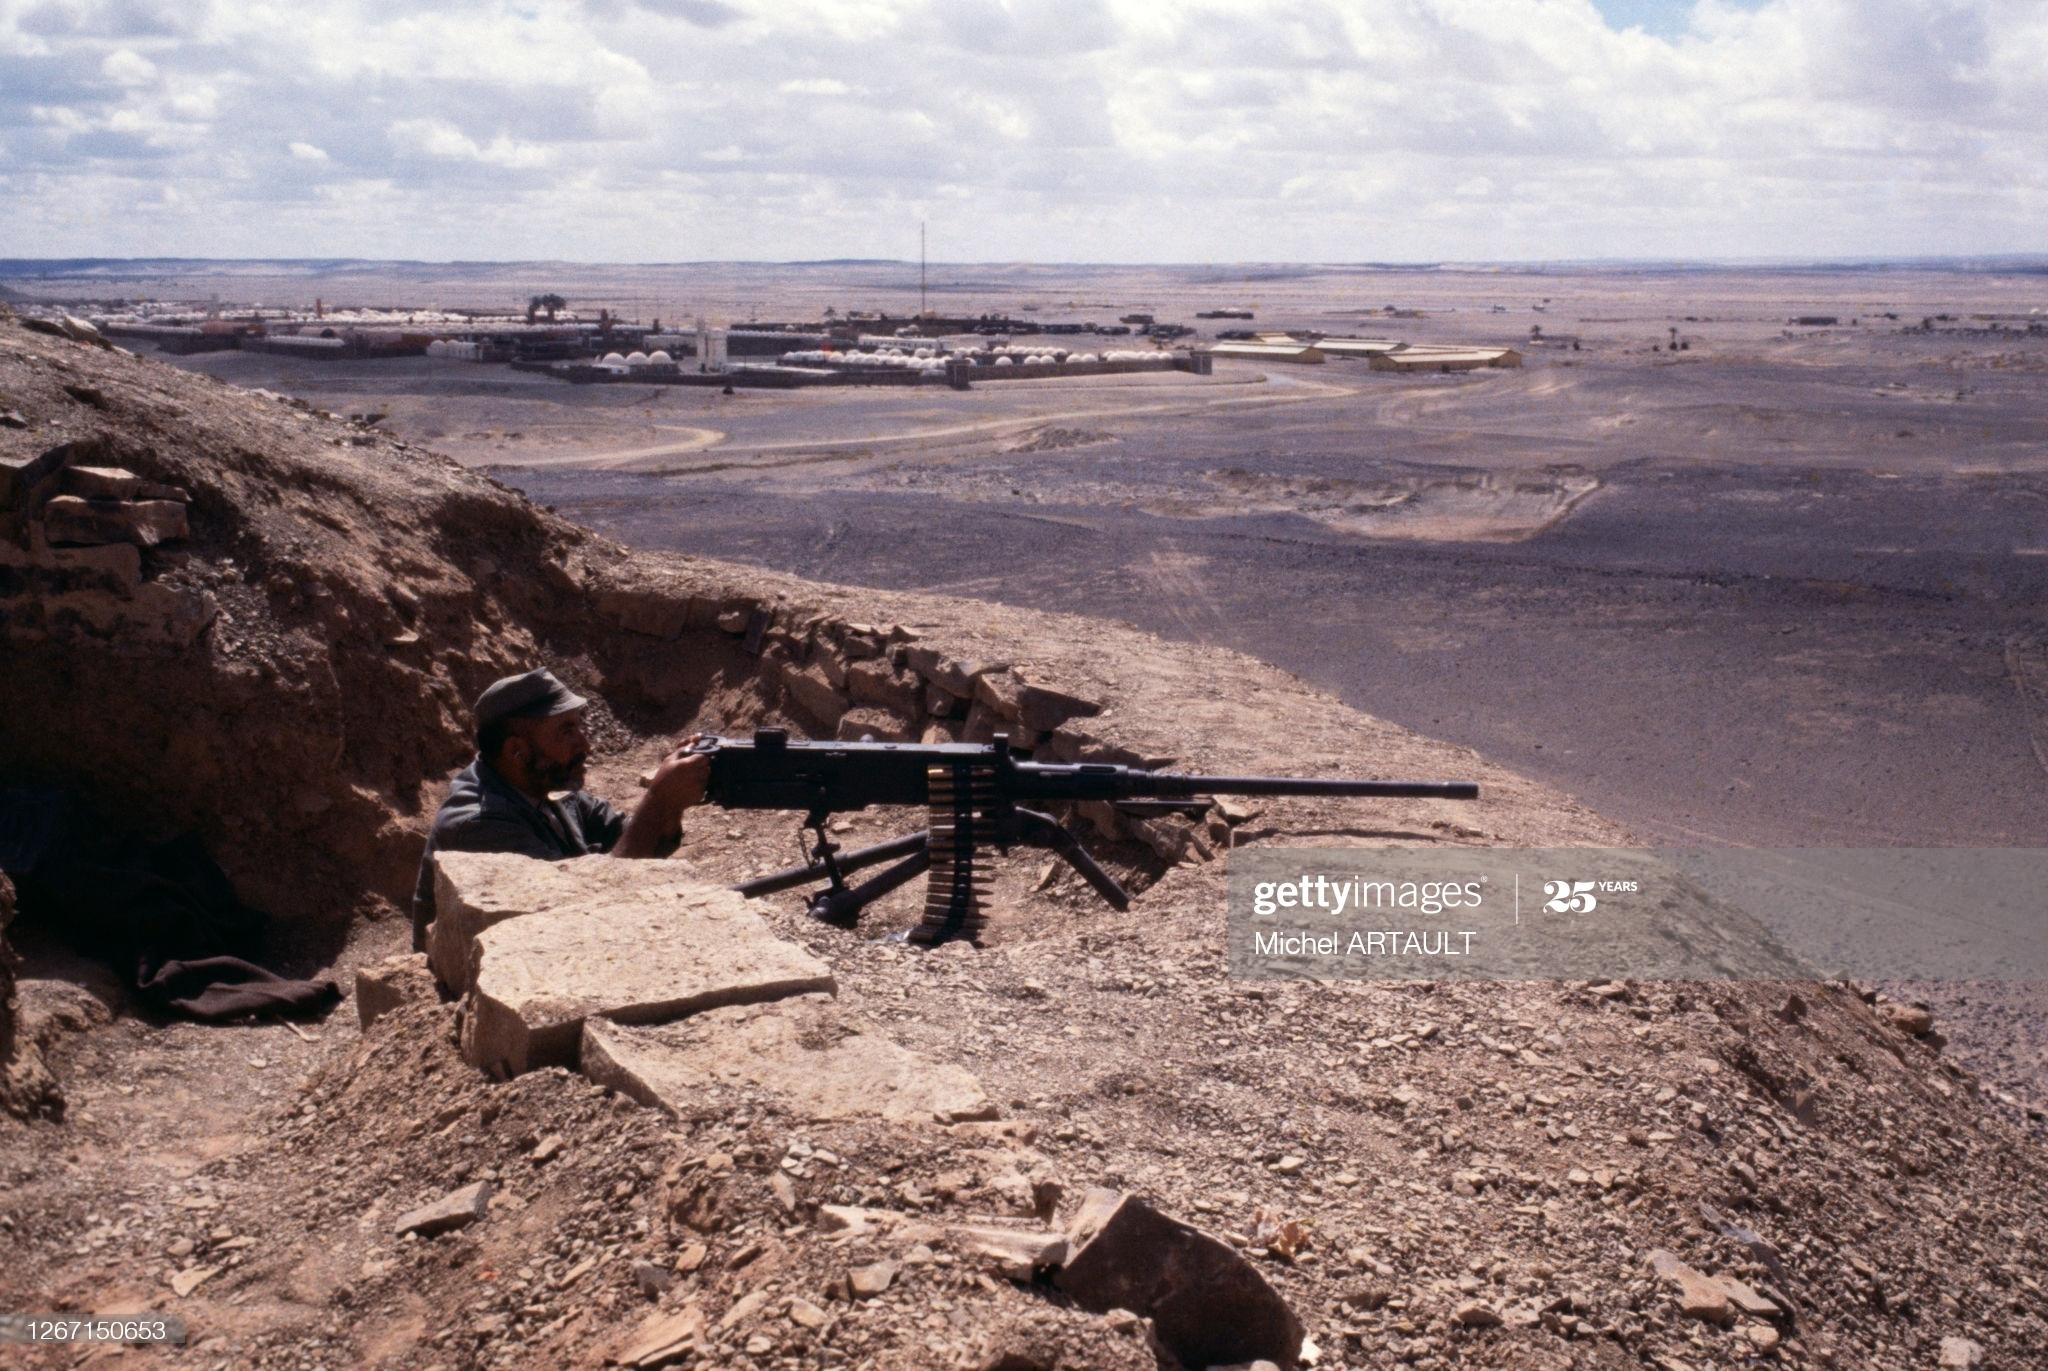 Le conflit armé du sahara marocain - Page 13 50317365582_4deaf4a63b_o_d